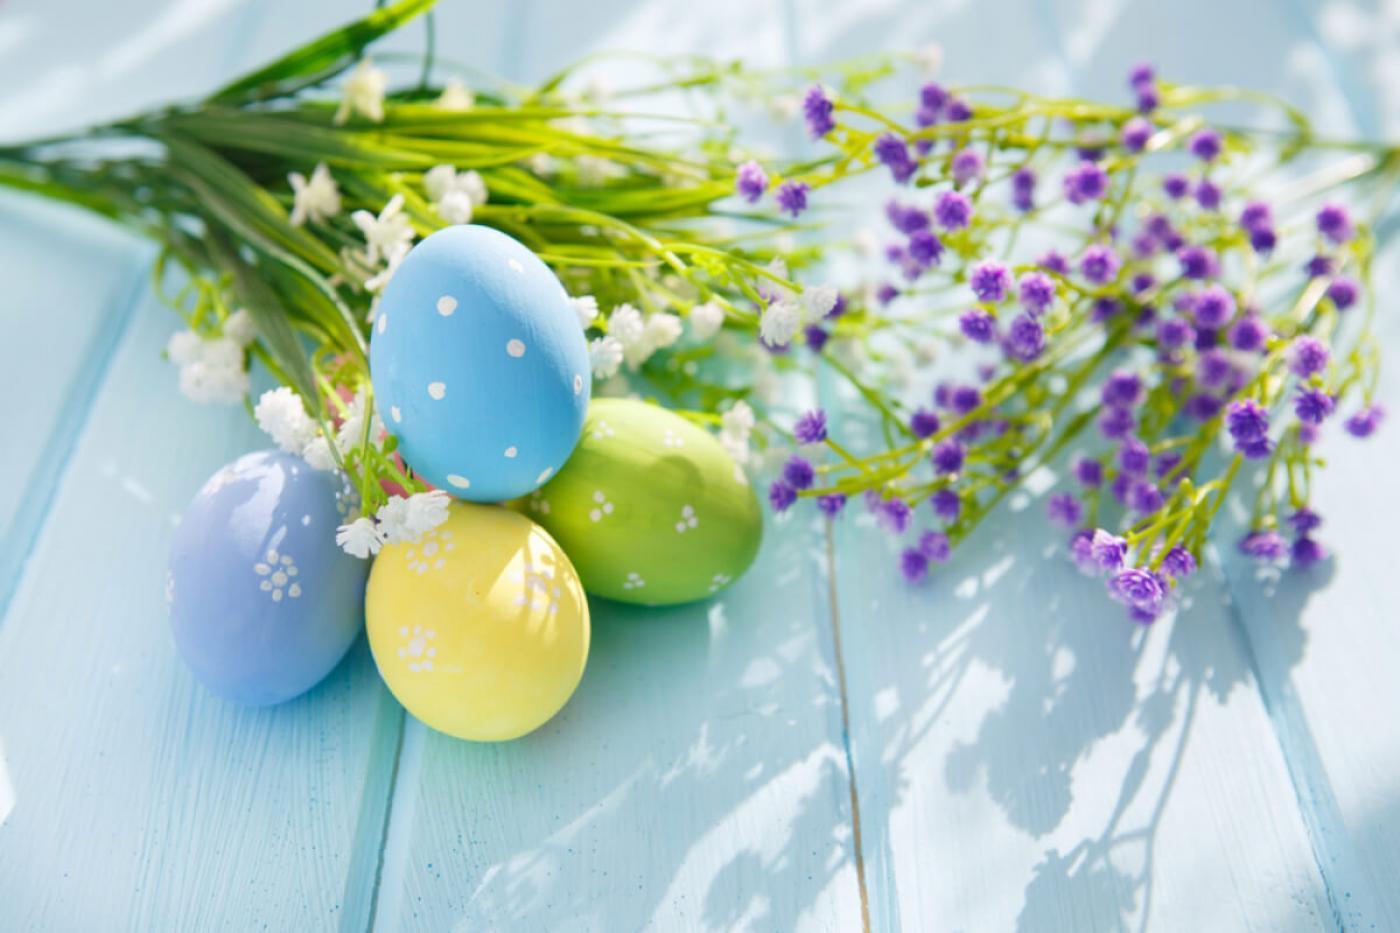 Napi horoszkóp: fordulatokat hoz a húsvét vasárnap